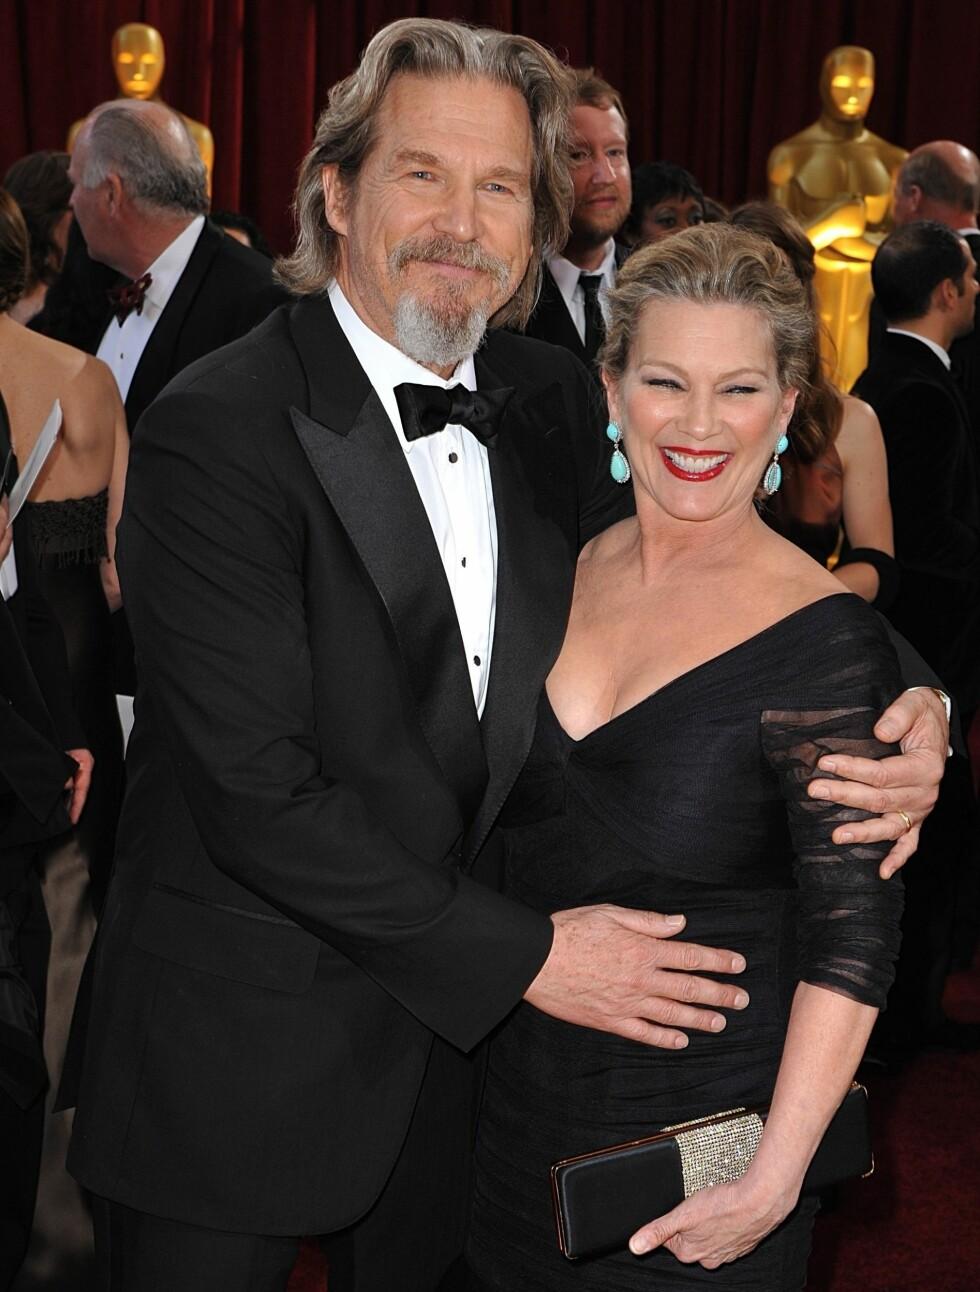 33 ÅR: Jeff Bridges (62) er kjent fra blant annet «Tron» og «Iron Ma». Sammen med Susan Geston har paret fått tre døtre. Foto: Fame Flynet